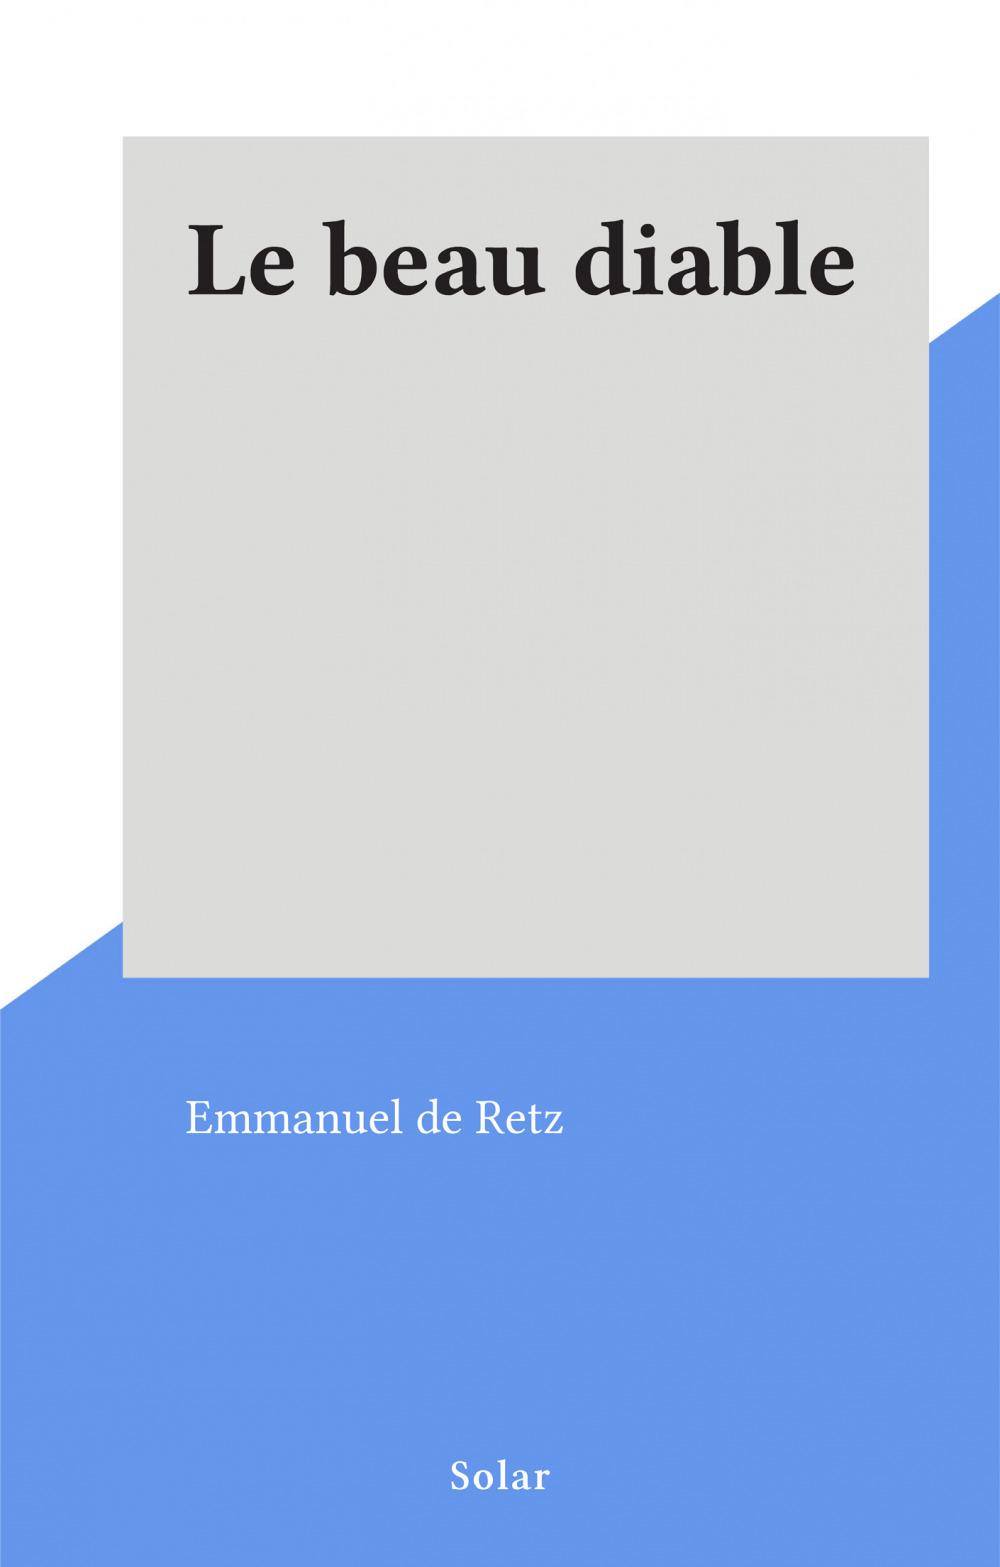 Le beau diable  - Emmanuel de Retz